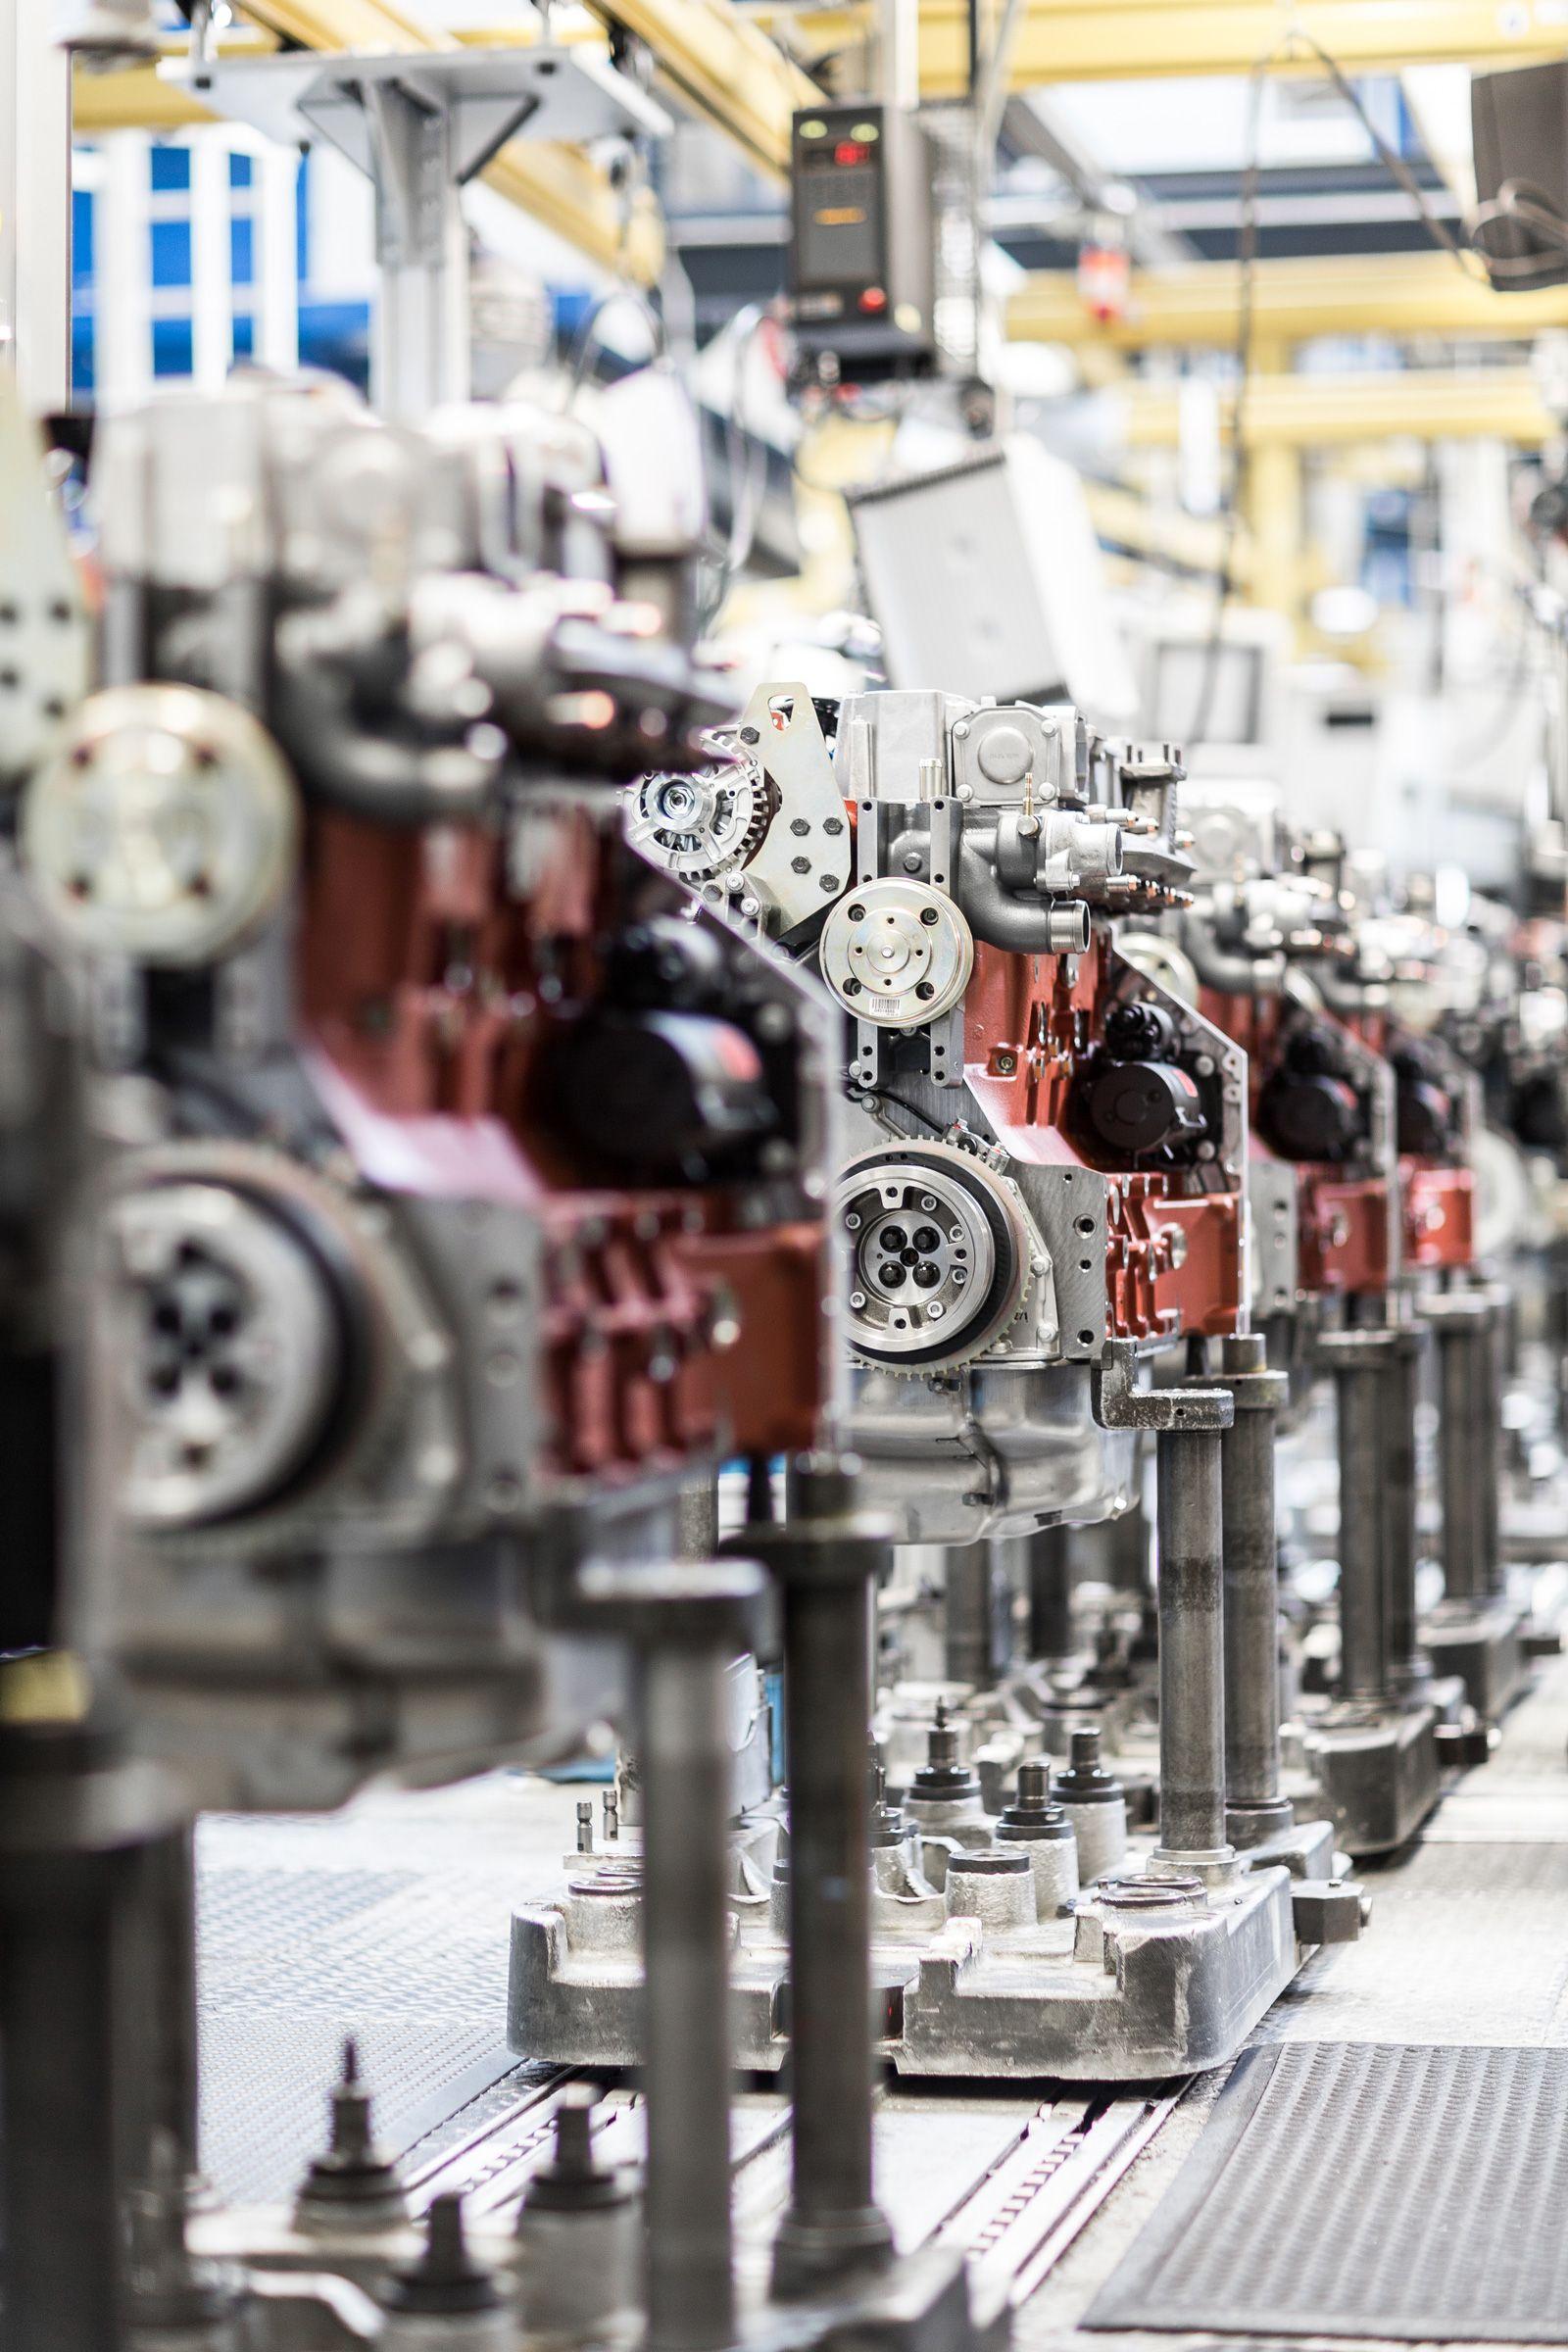 Deutz / Motorenproduktion Köln